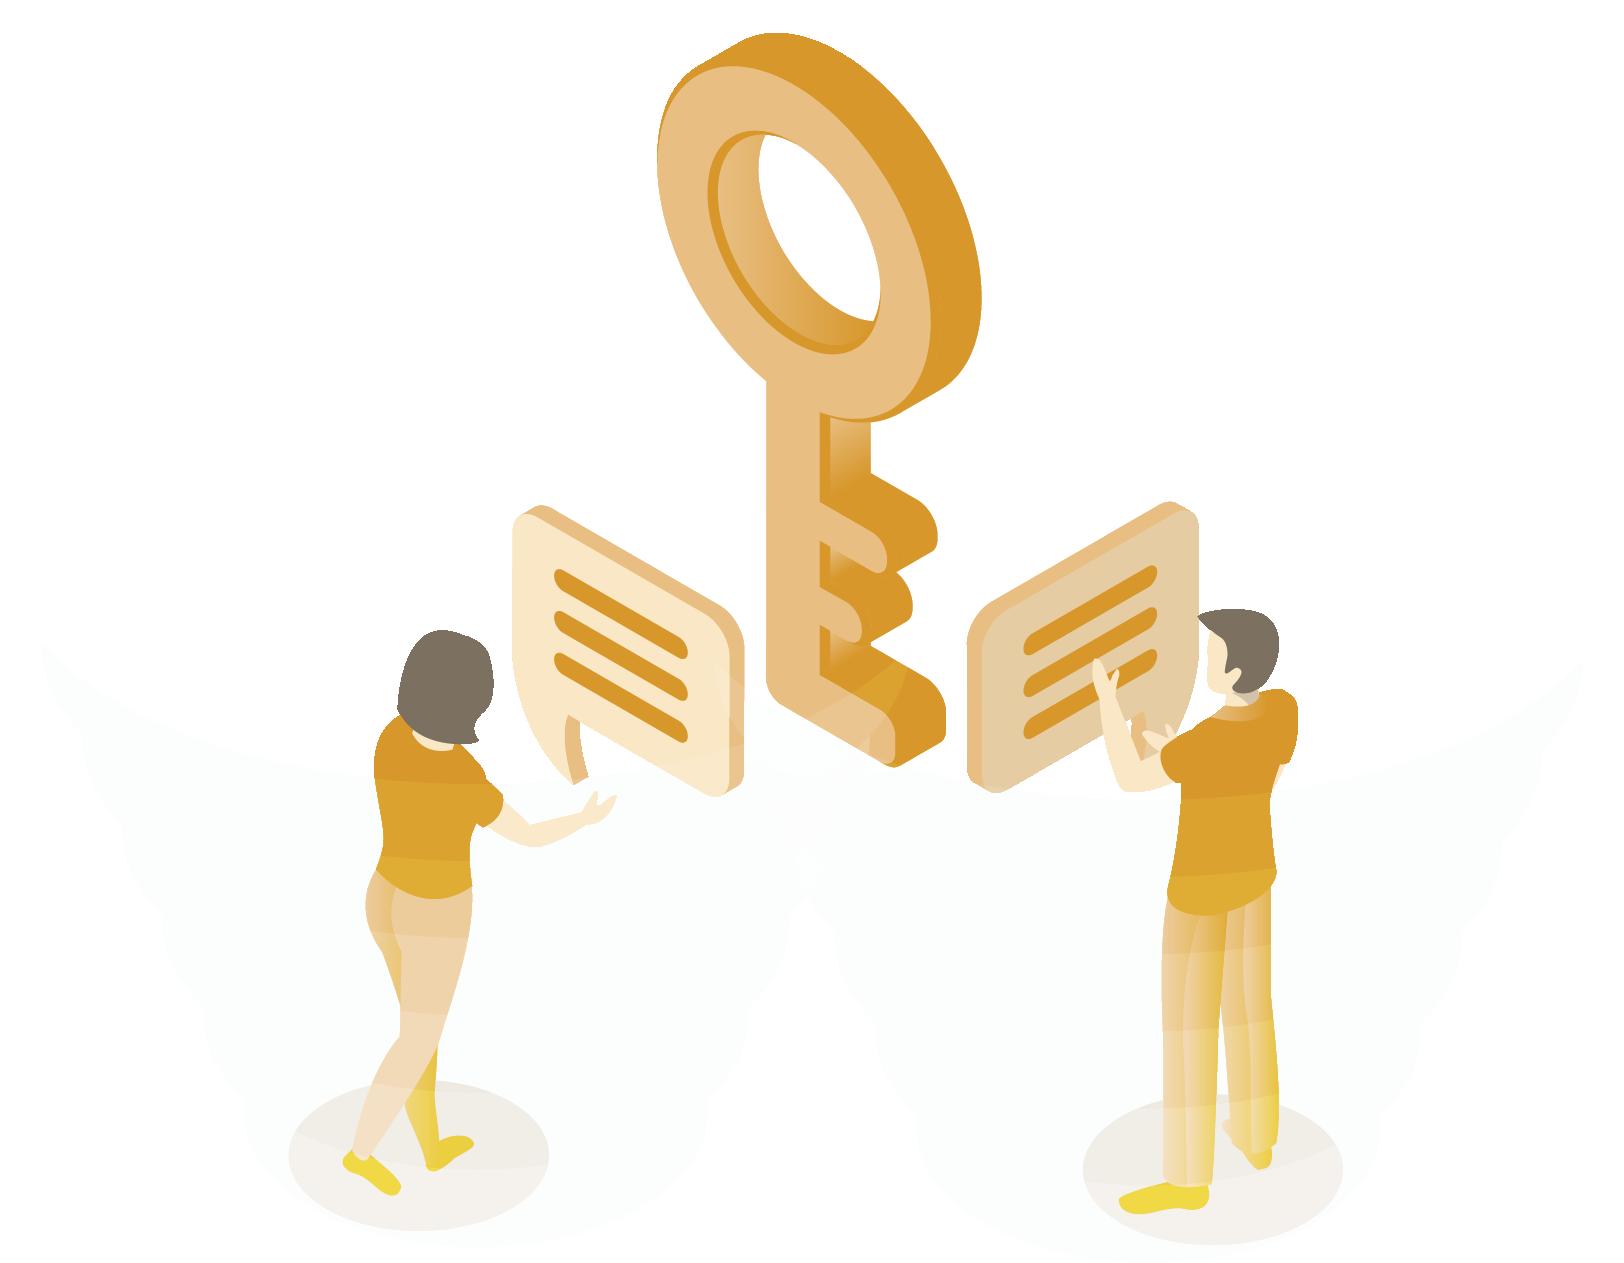 Key-account-management_isometric_icon